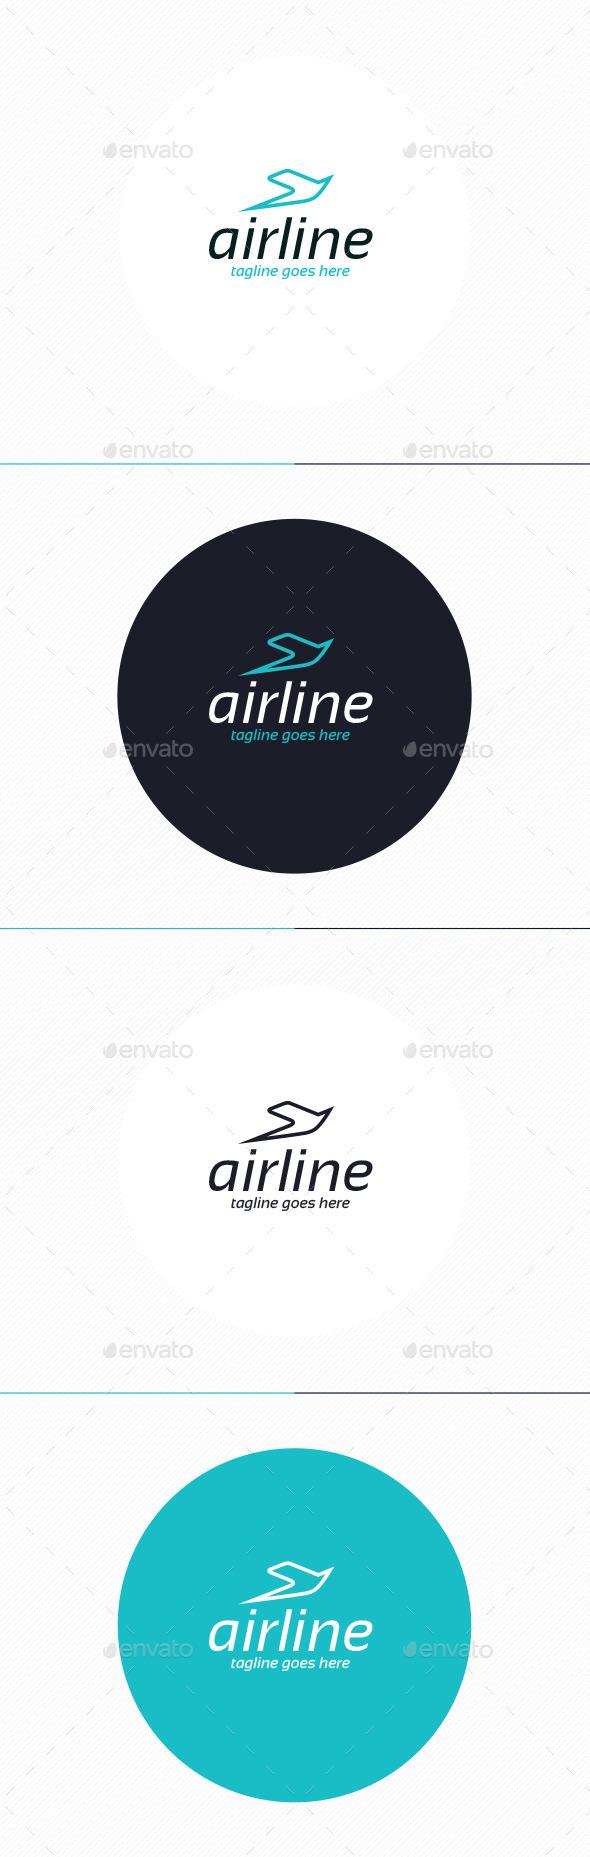 GraphicRiver Air Line Logo 10442985